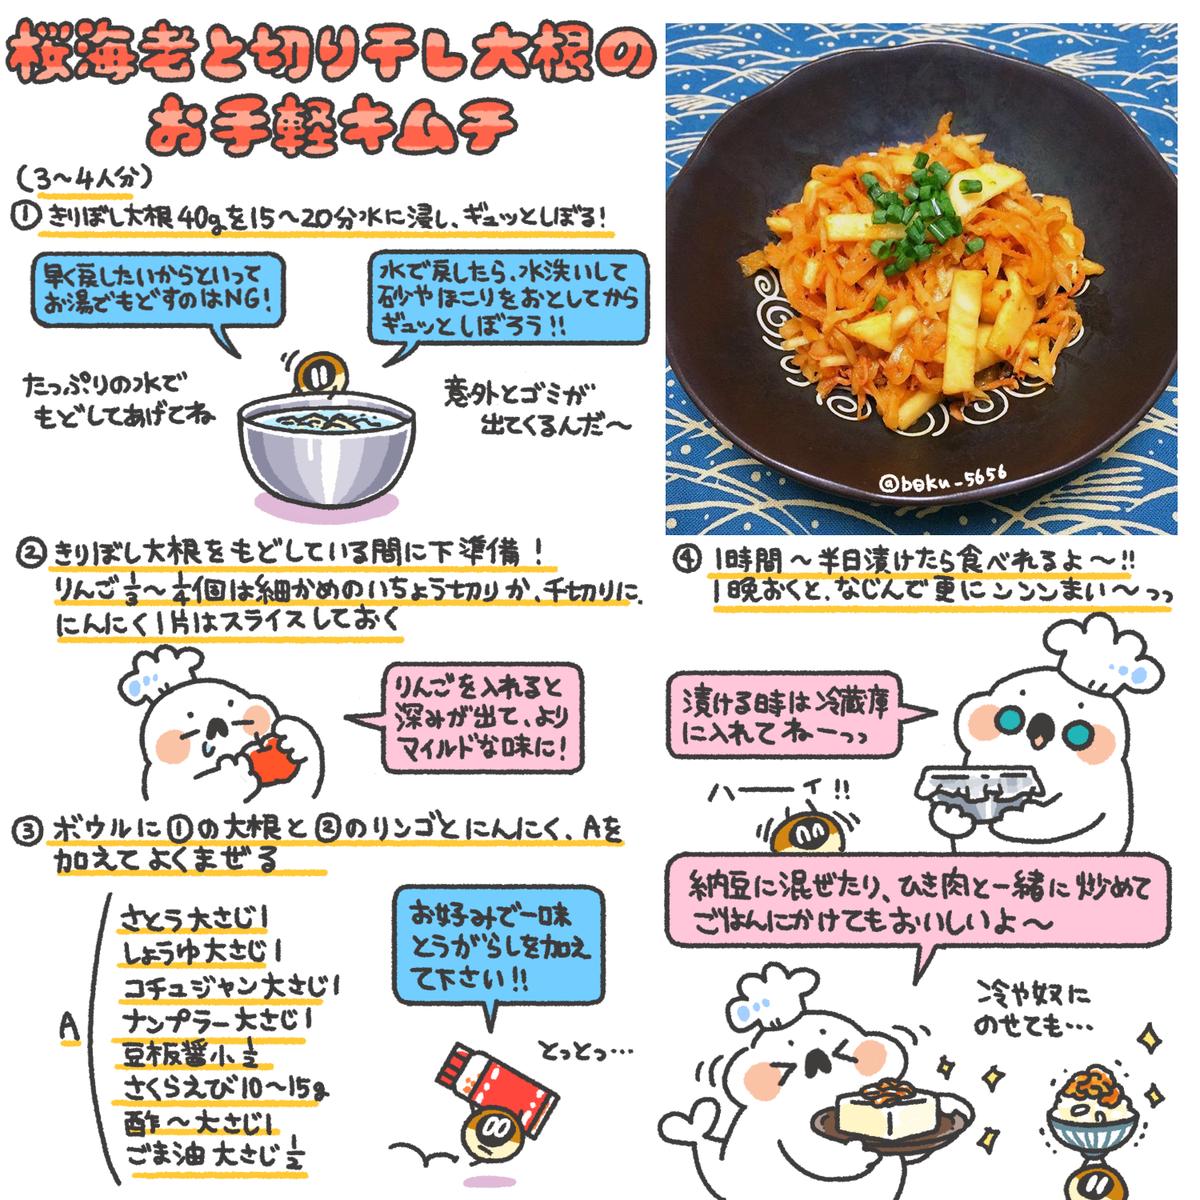 桜海老と切り干し大根のお手軽キムチのレシピをまとめました(งOO)ง